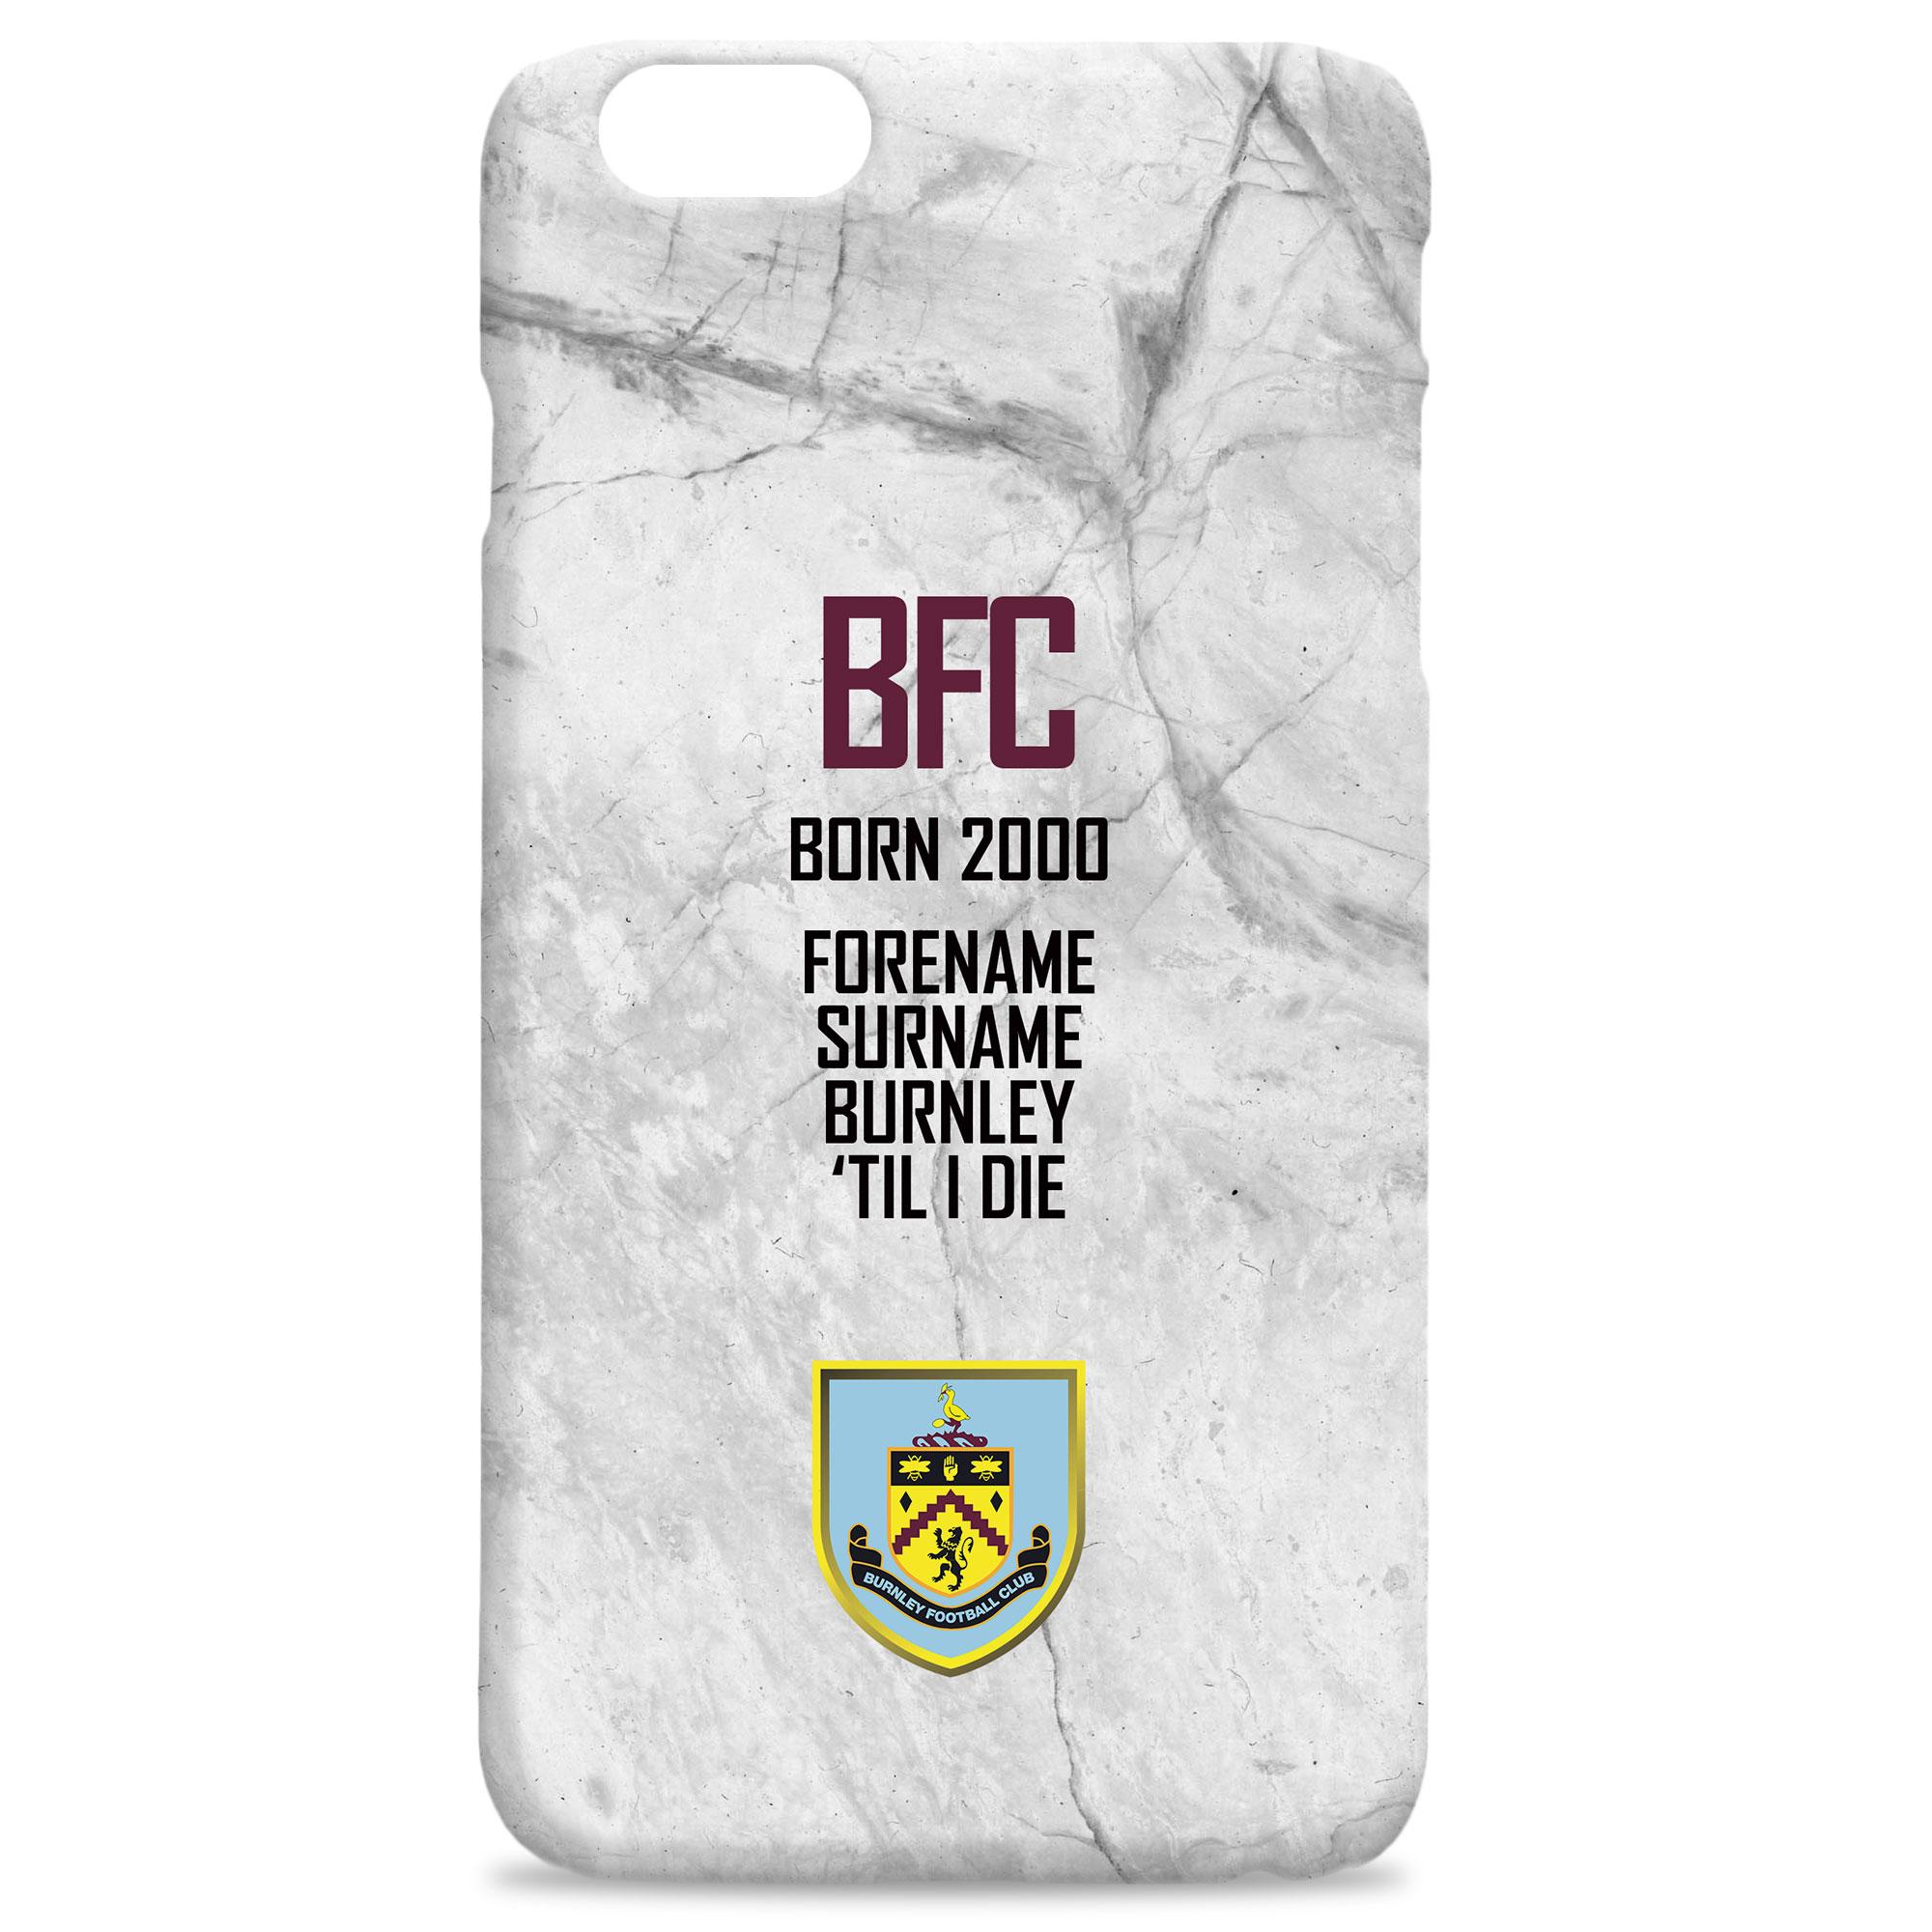 Burnley FC 'Til I Die Hard Back Phone Case